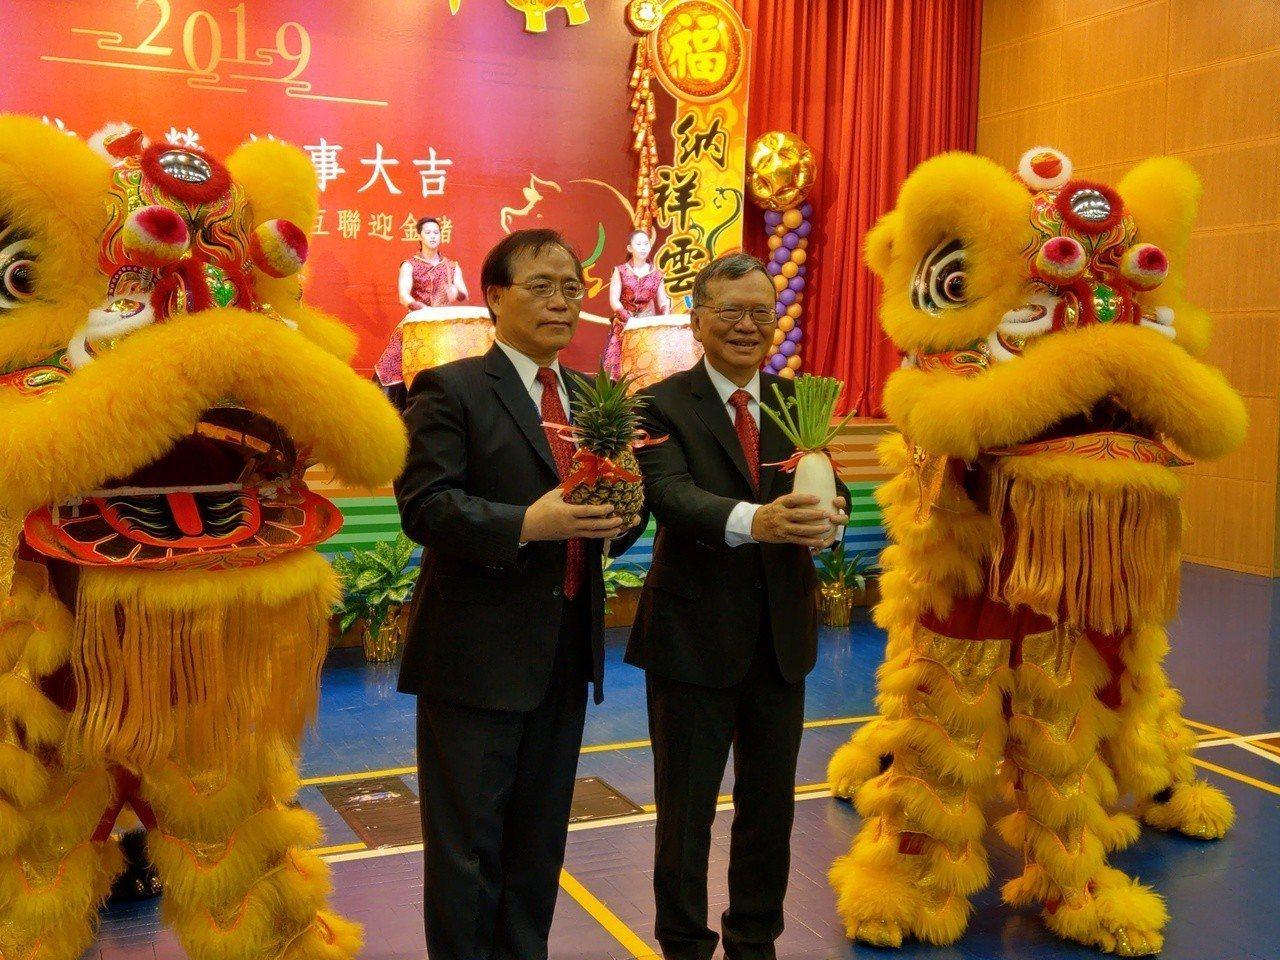 中華電信董事長鄭優(右)、總經理謝繼茂(左),記者黃晶琳/攝影